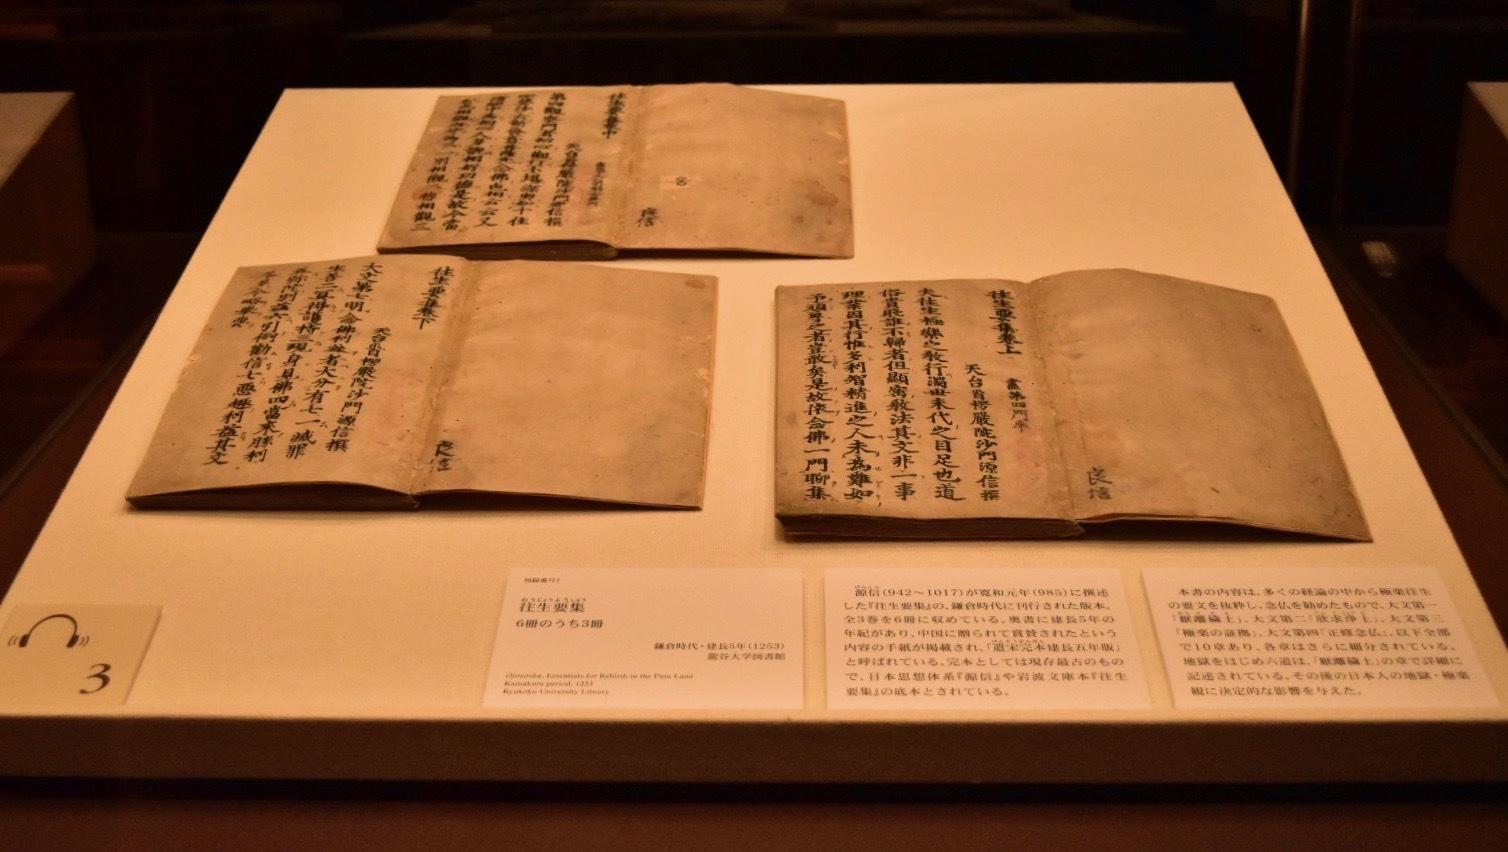 往生要集 源信著 鎌倉時代・延暦五年(1253)龍谷大学図書館